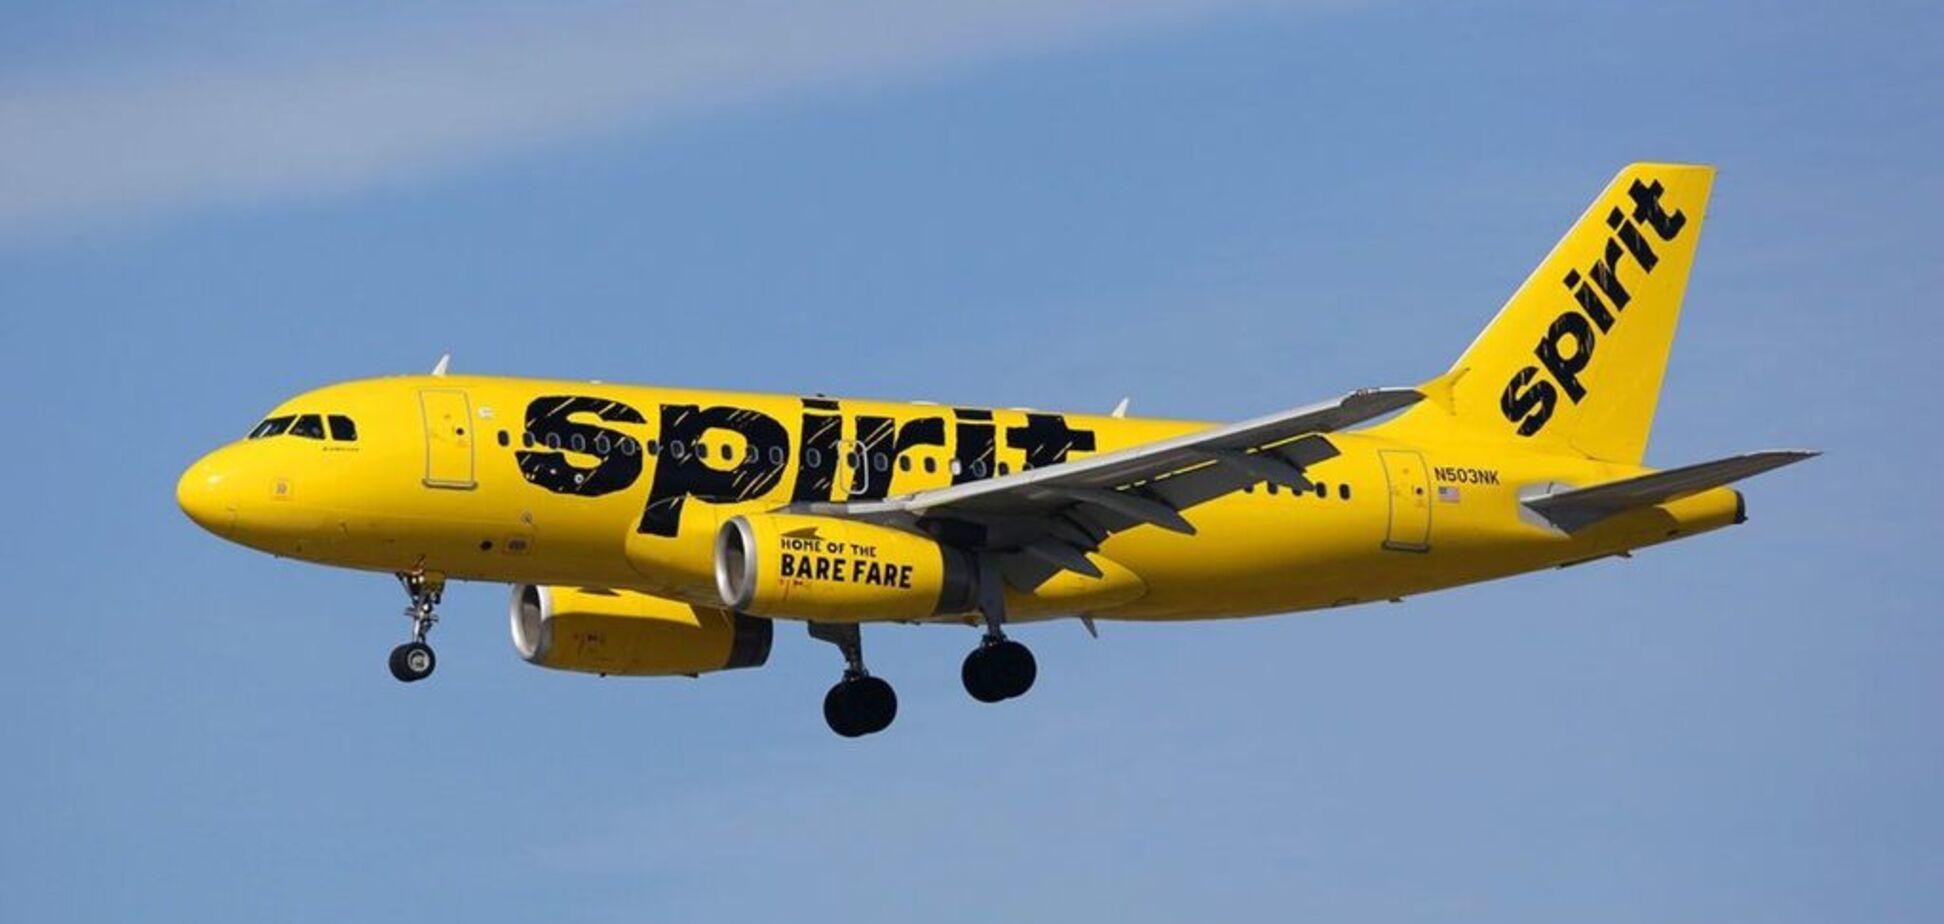 Літак здійснив екстрену посадку через моторошний запах: людей госпіталізували